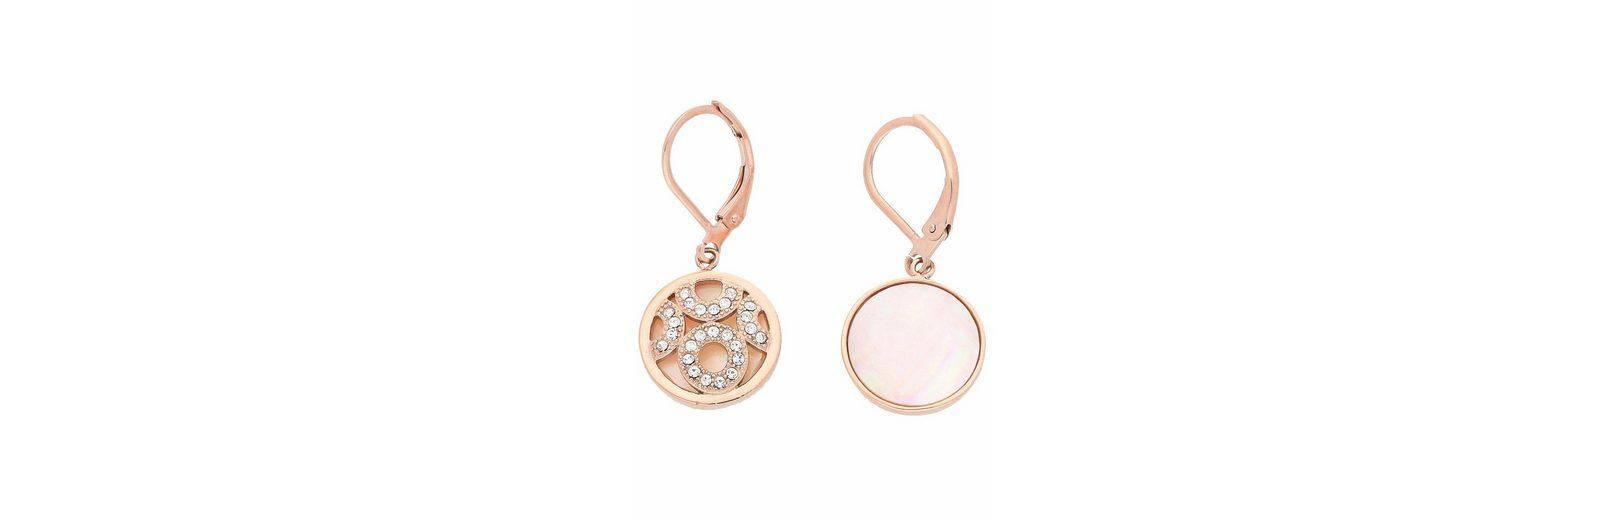 Firetti Paar Ohrhänger mit Kristallsteinen